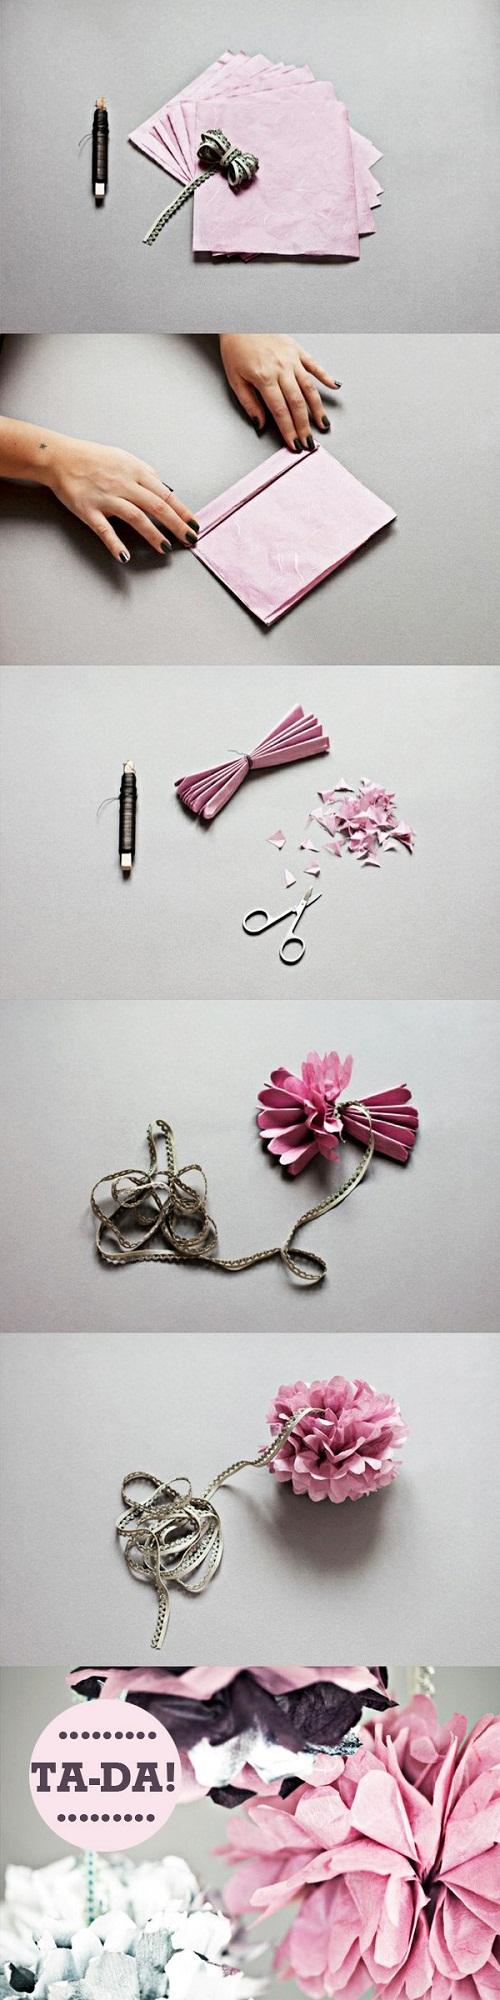 Top các mẫu hoa giấy cực xinh cho nhà bạn thêm ấm cúng